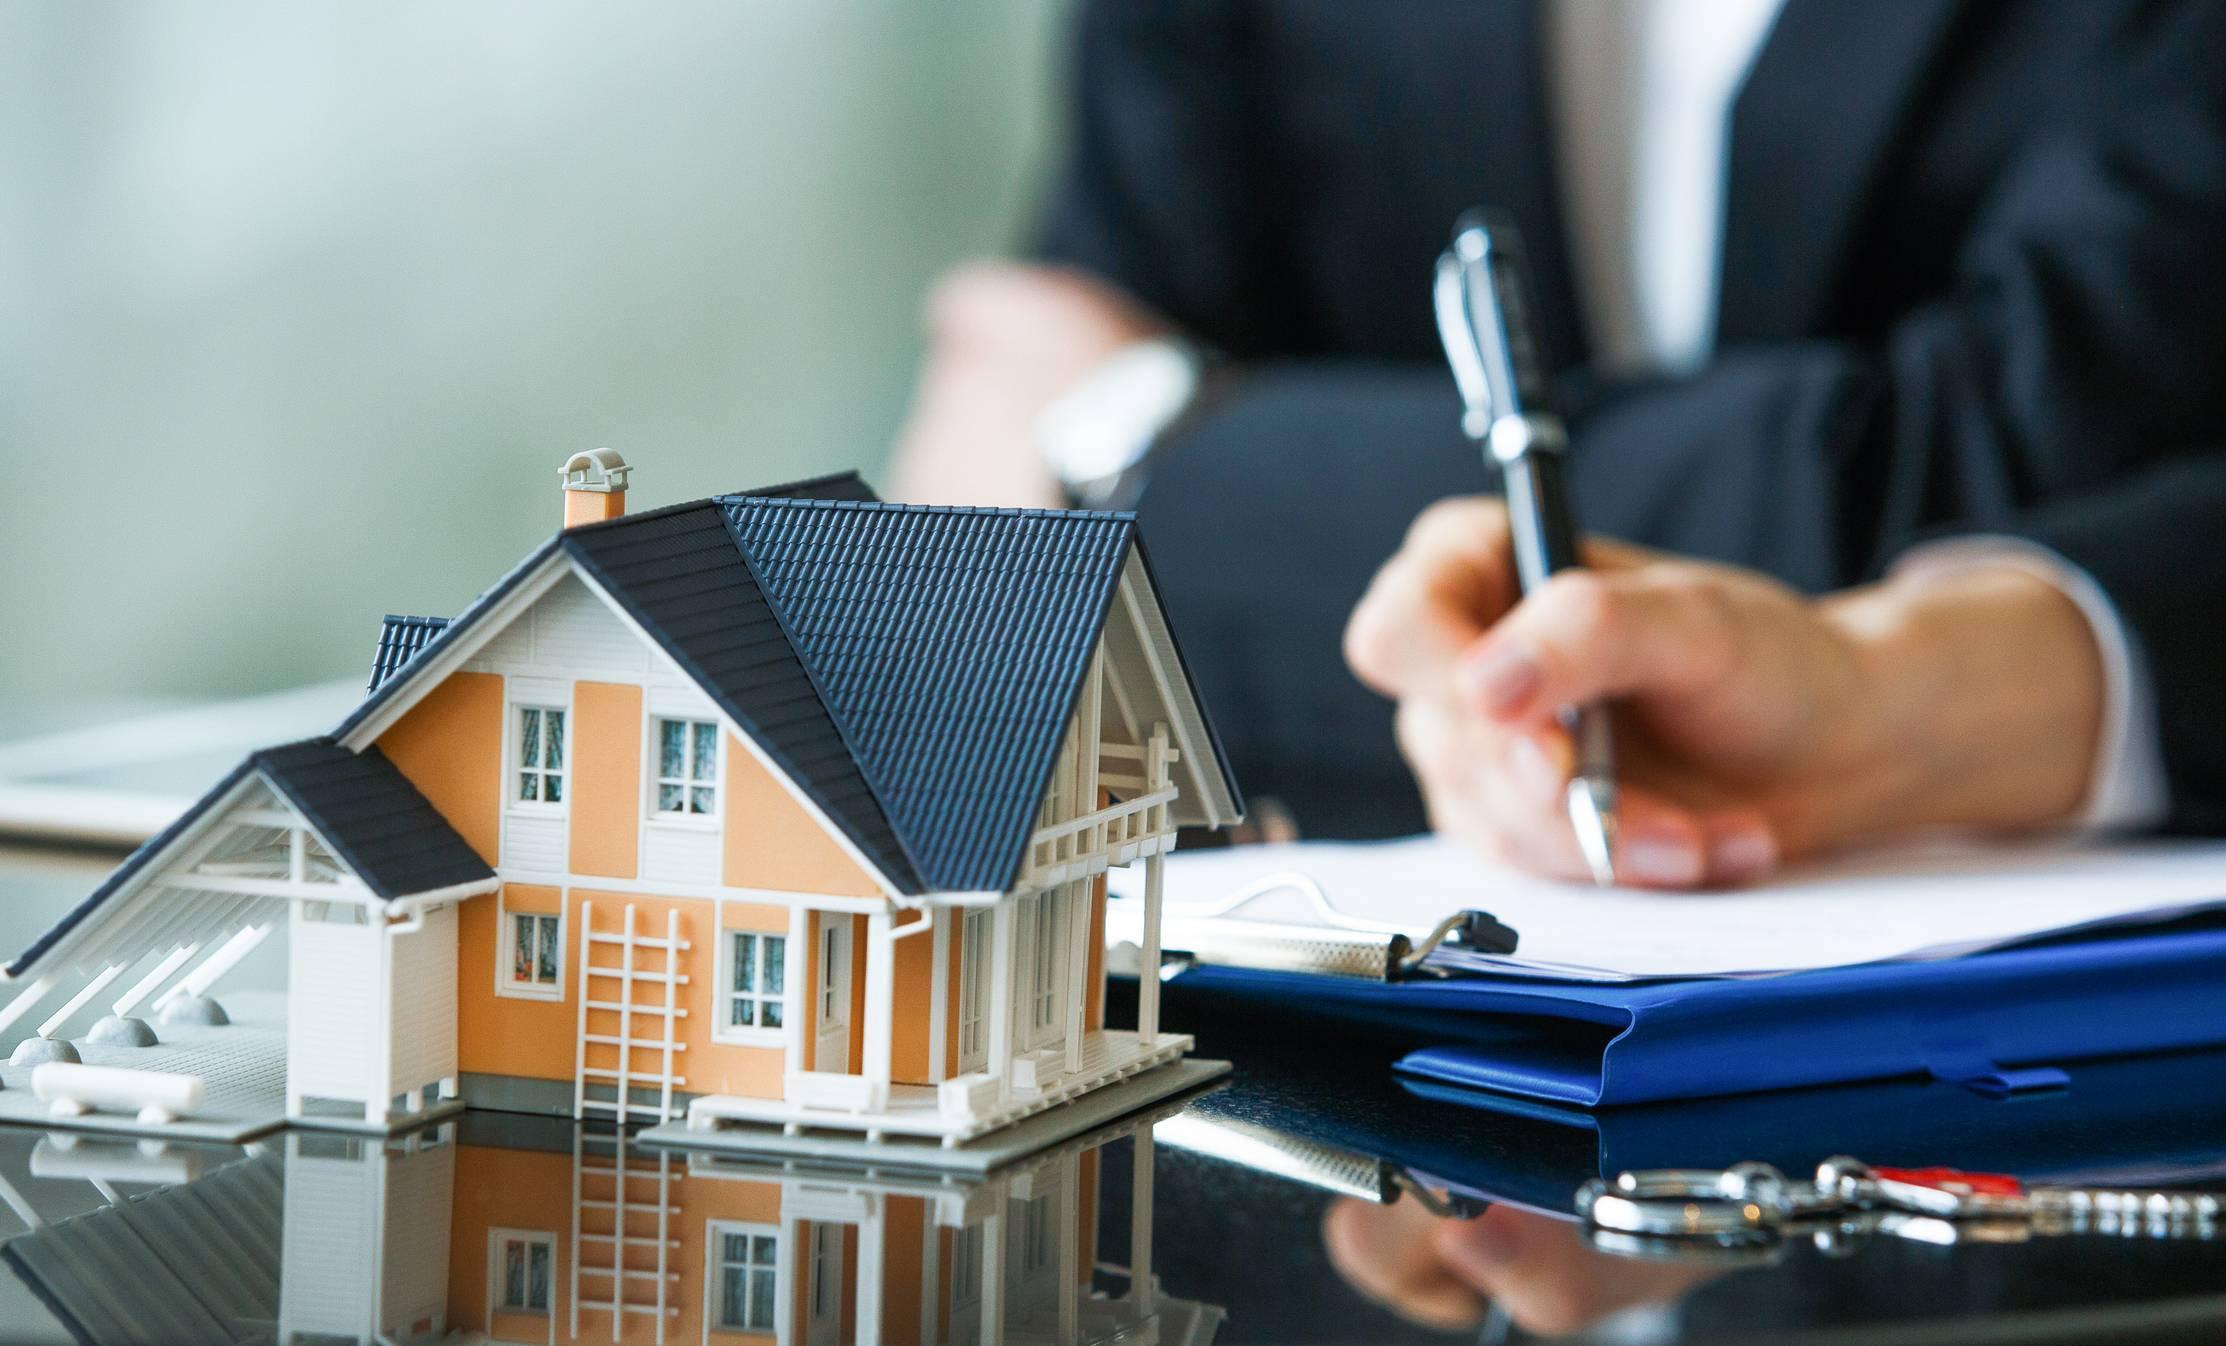 investir immobilier usa